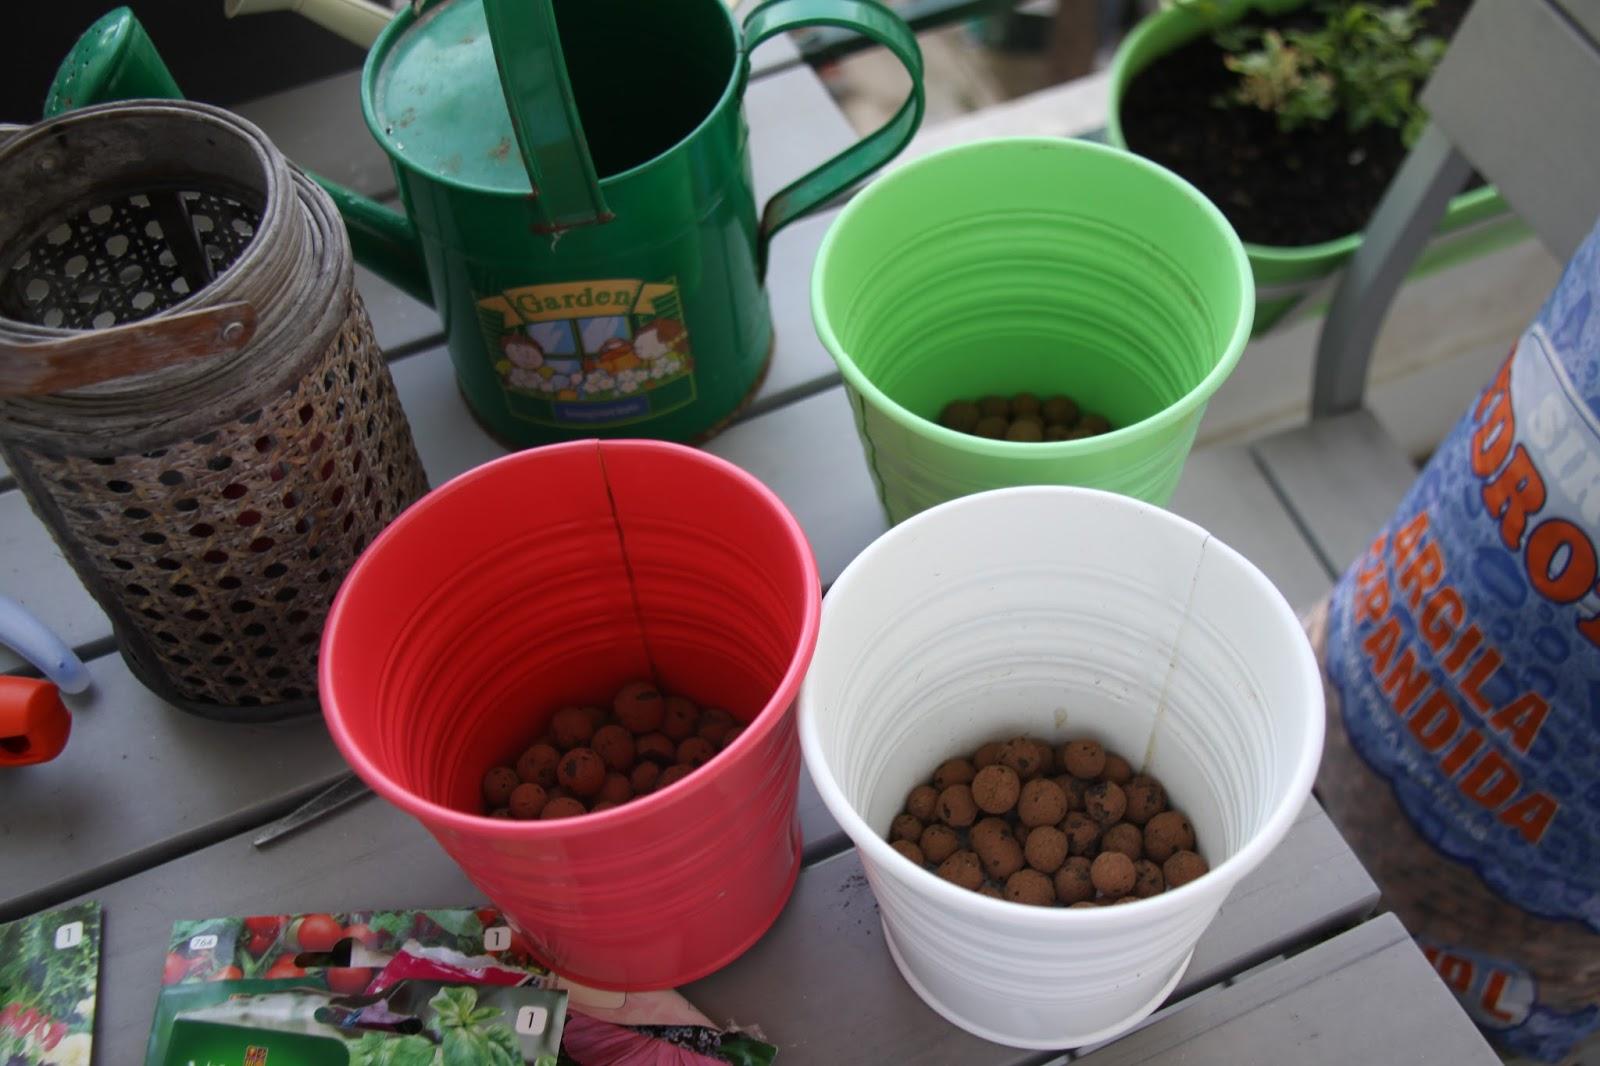 2. Lave os vasos, se for necessário, e coloque leca no fundo (no caso de os vasos serem perfurados).